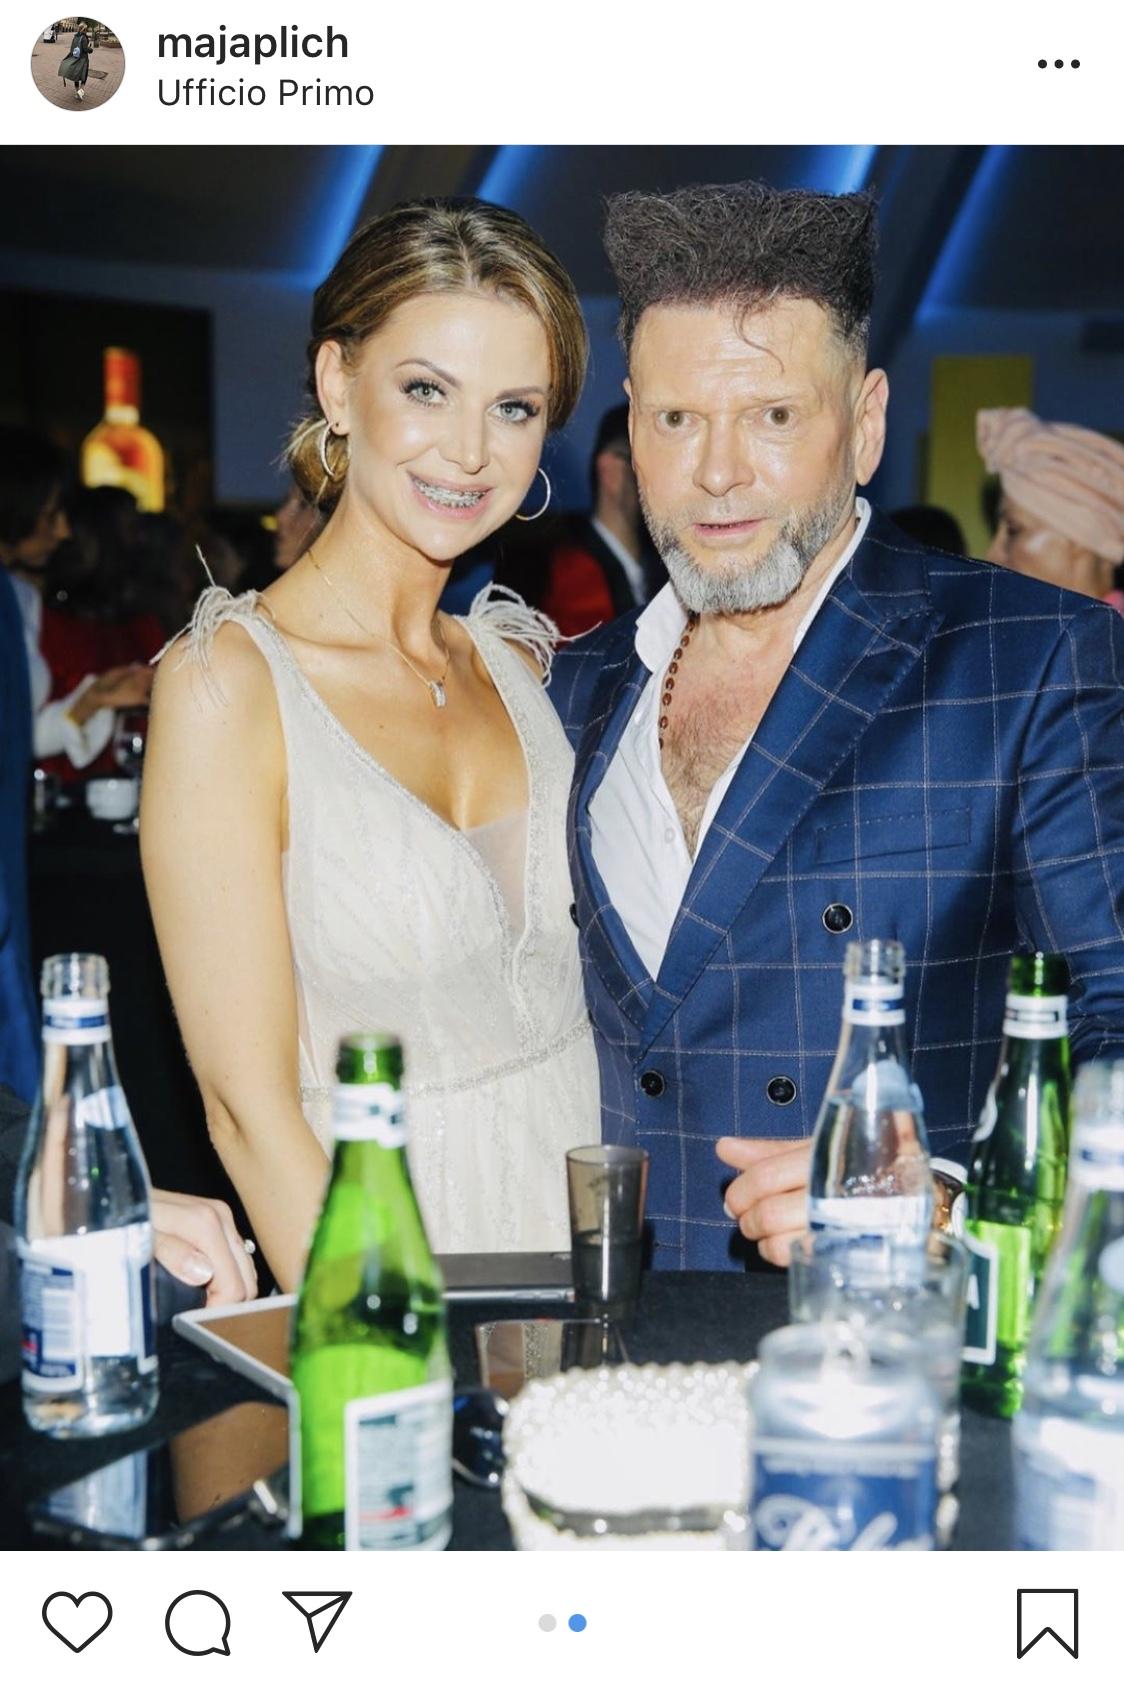 Fani Krzysztofa Rutkowskiego wstrzymali oddech. Popularny detektyw zmienił fryzurę?!